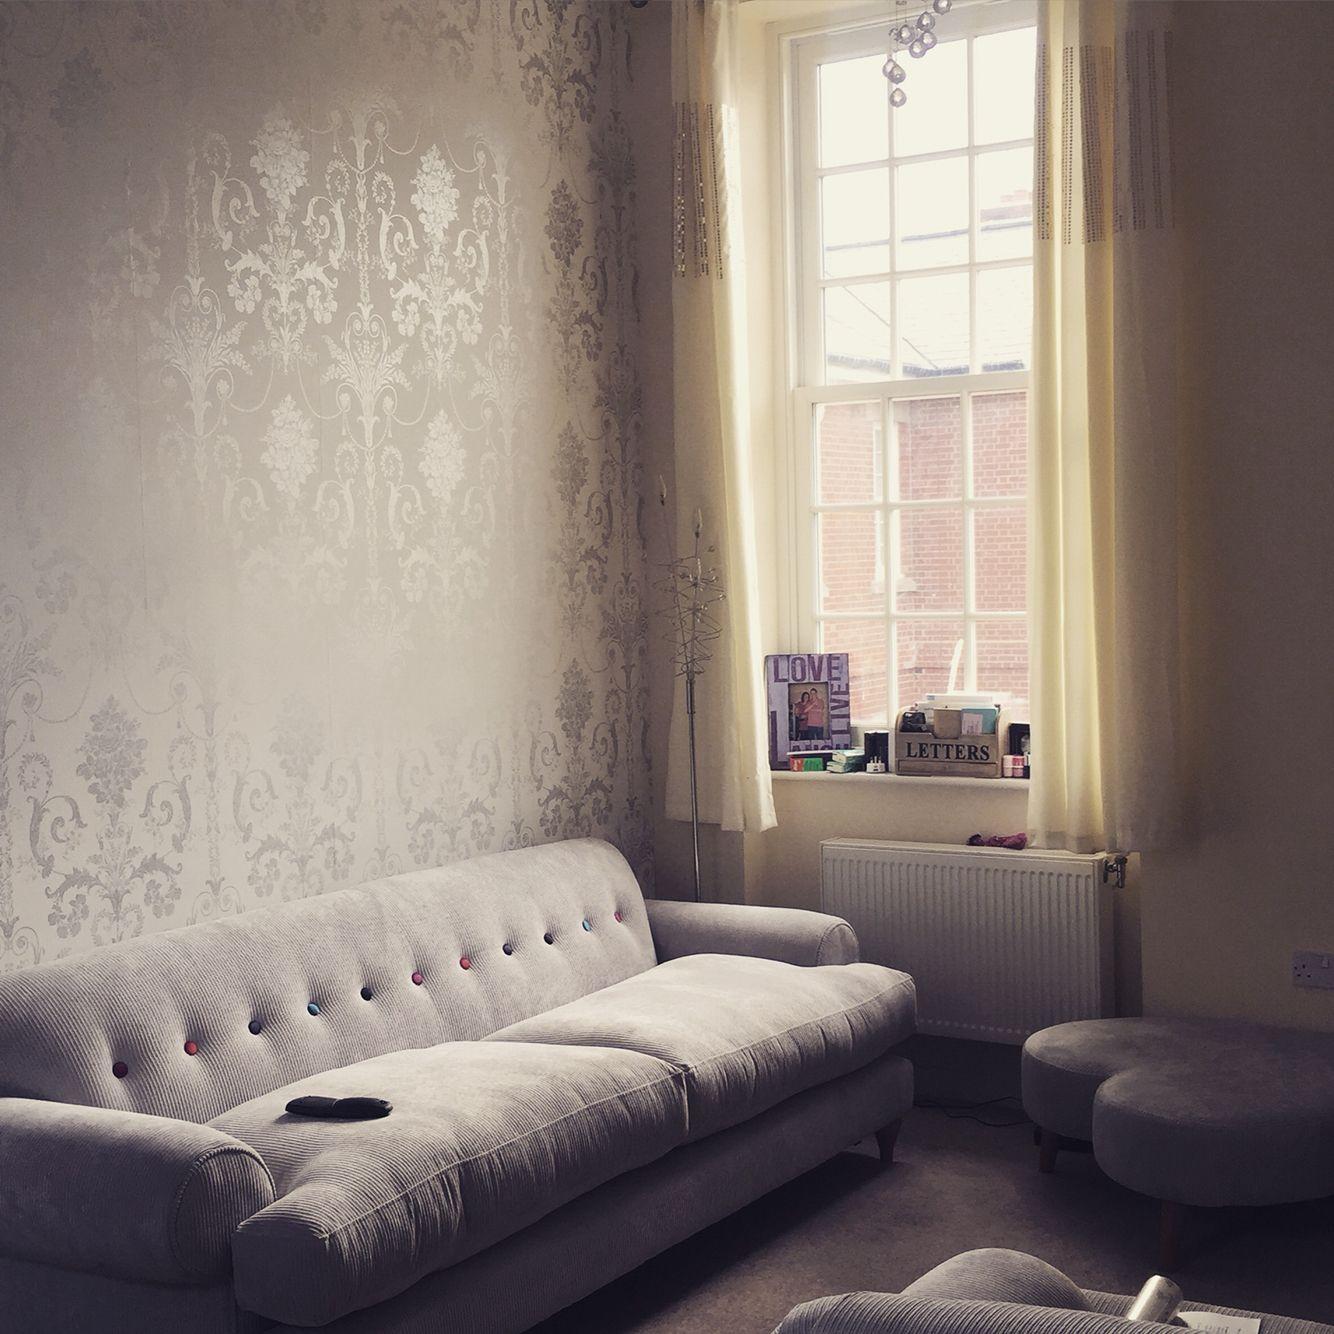 Modern Bedroom Wallpaper Pattern Bedroom Interior For Girls Laura Ashley Bedroom Wallpaper Ideas Bedroom Design Ideas For Men: Laura Ashley Josette Wallpaper In Silver Glitter